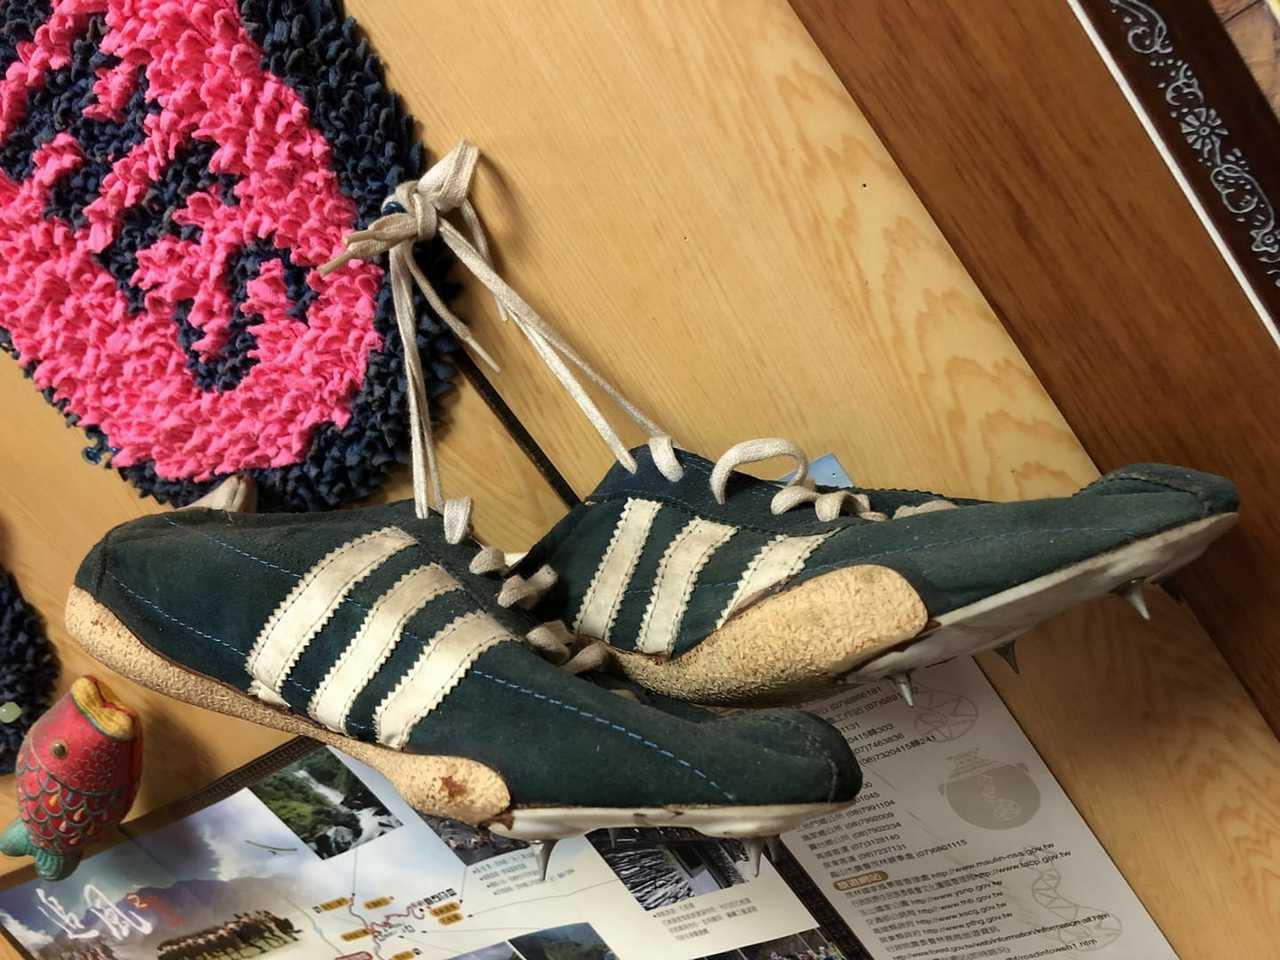 張克定送給曾財華的釘鞋。圖/取自神準國際行銷臉書。